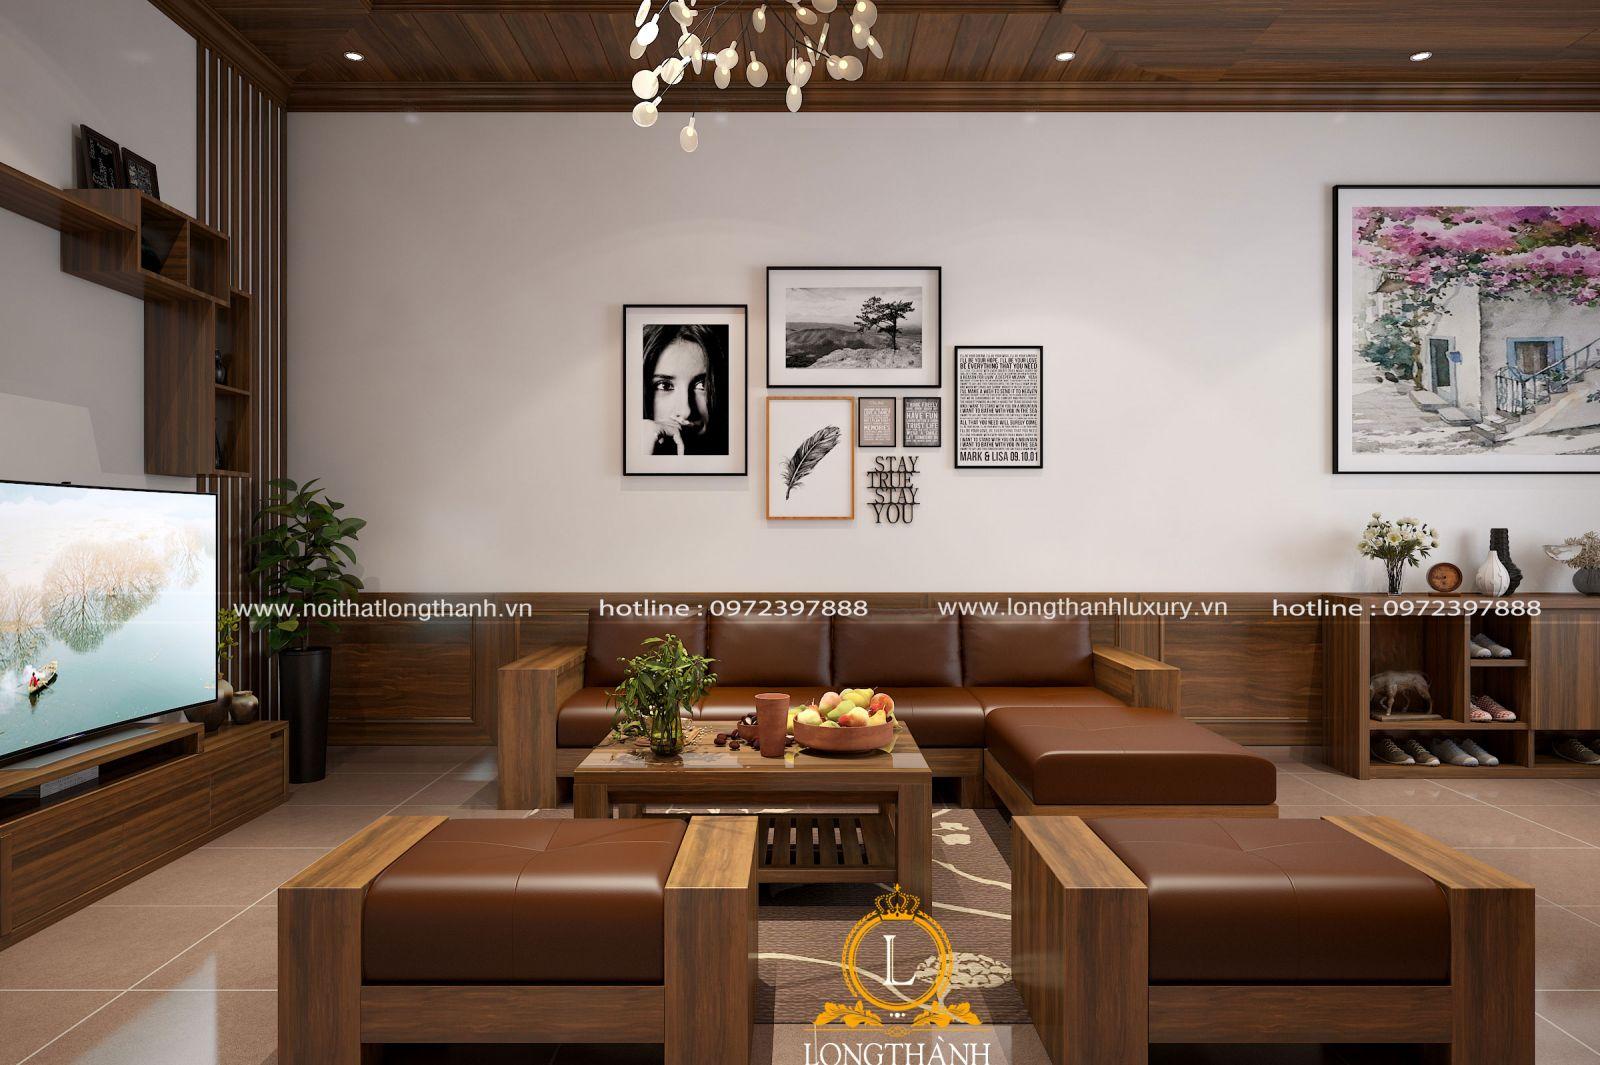 Bộ sofa hiện đại đẹp đẳng cấp chiếm không gian diện tích phòng